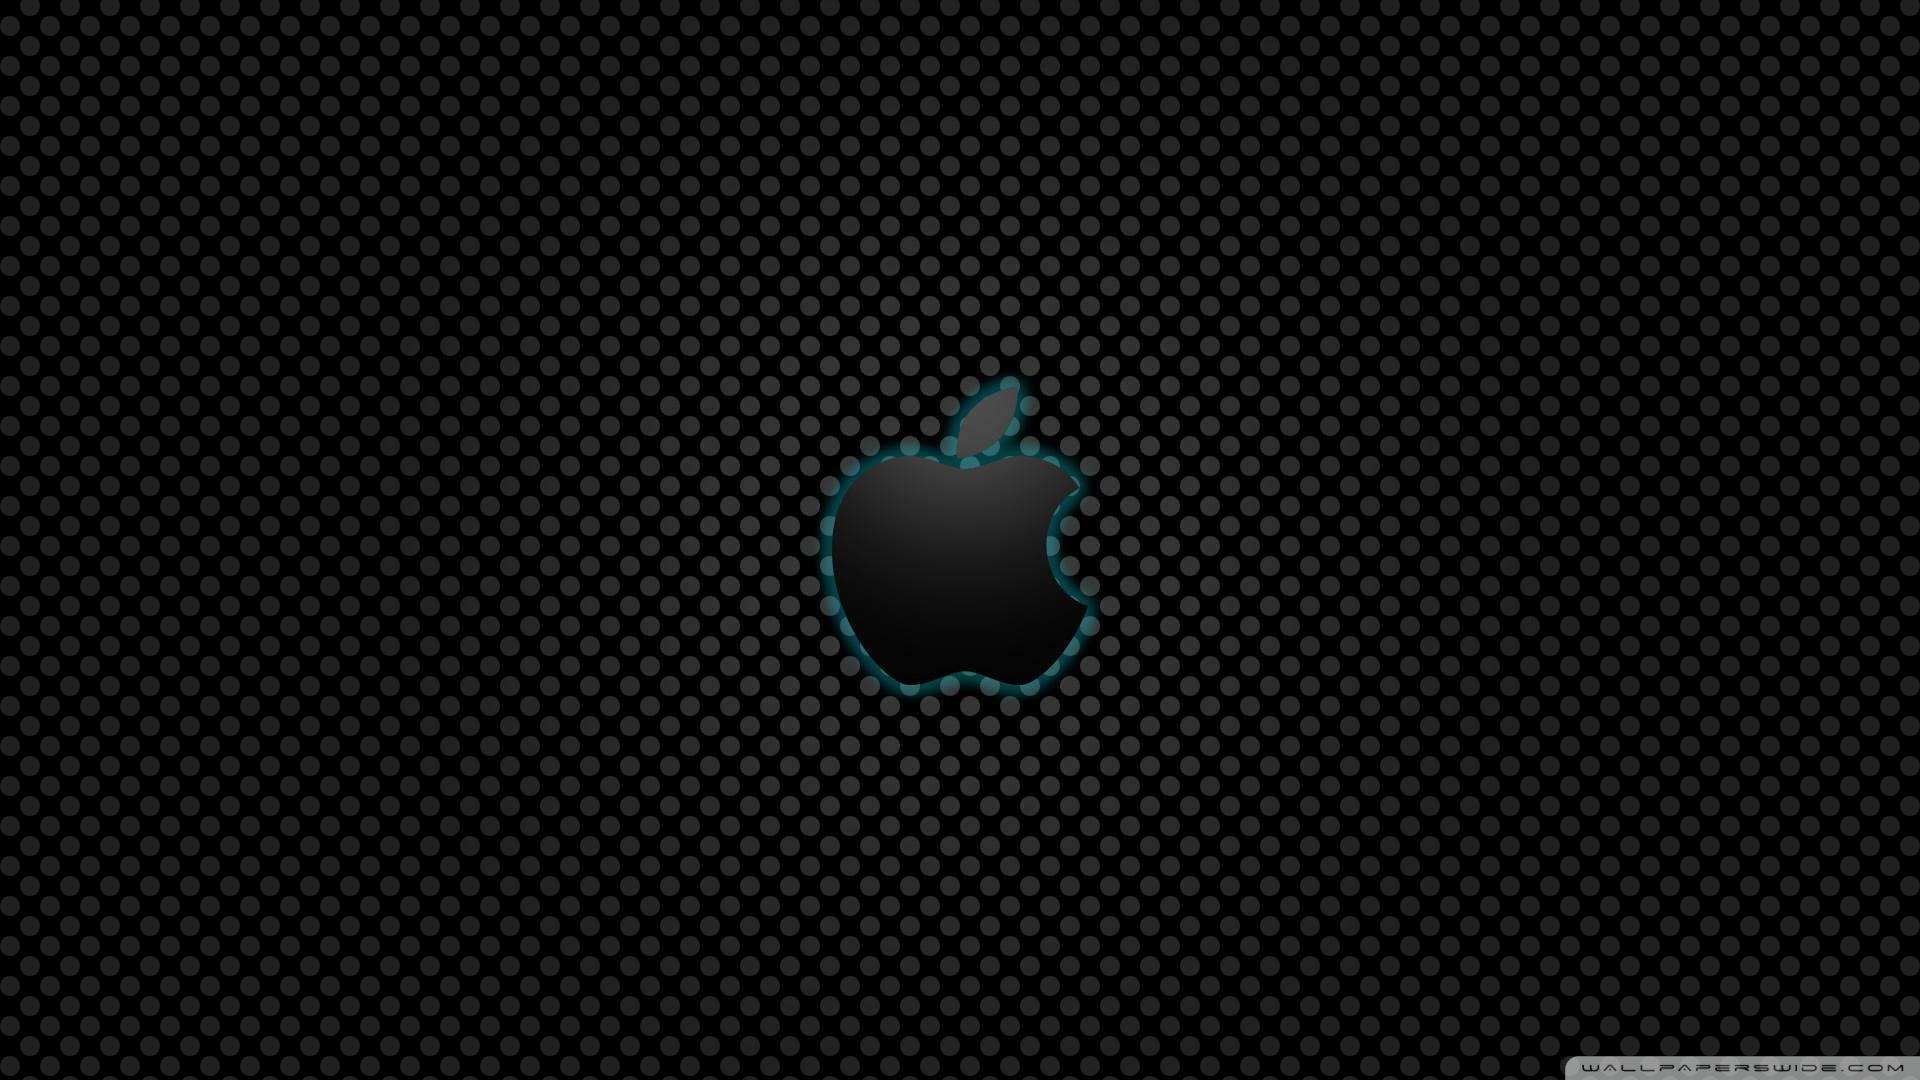 Apple Mac 12 Wallpaper 1920x1080 Think Different Apple Mac 12 1920x1080